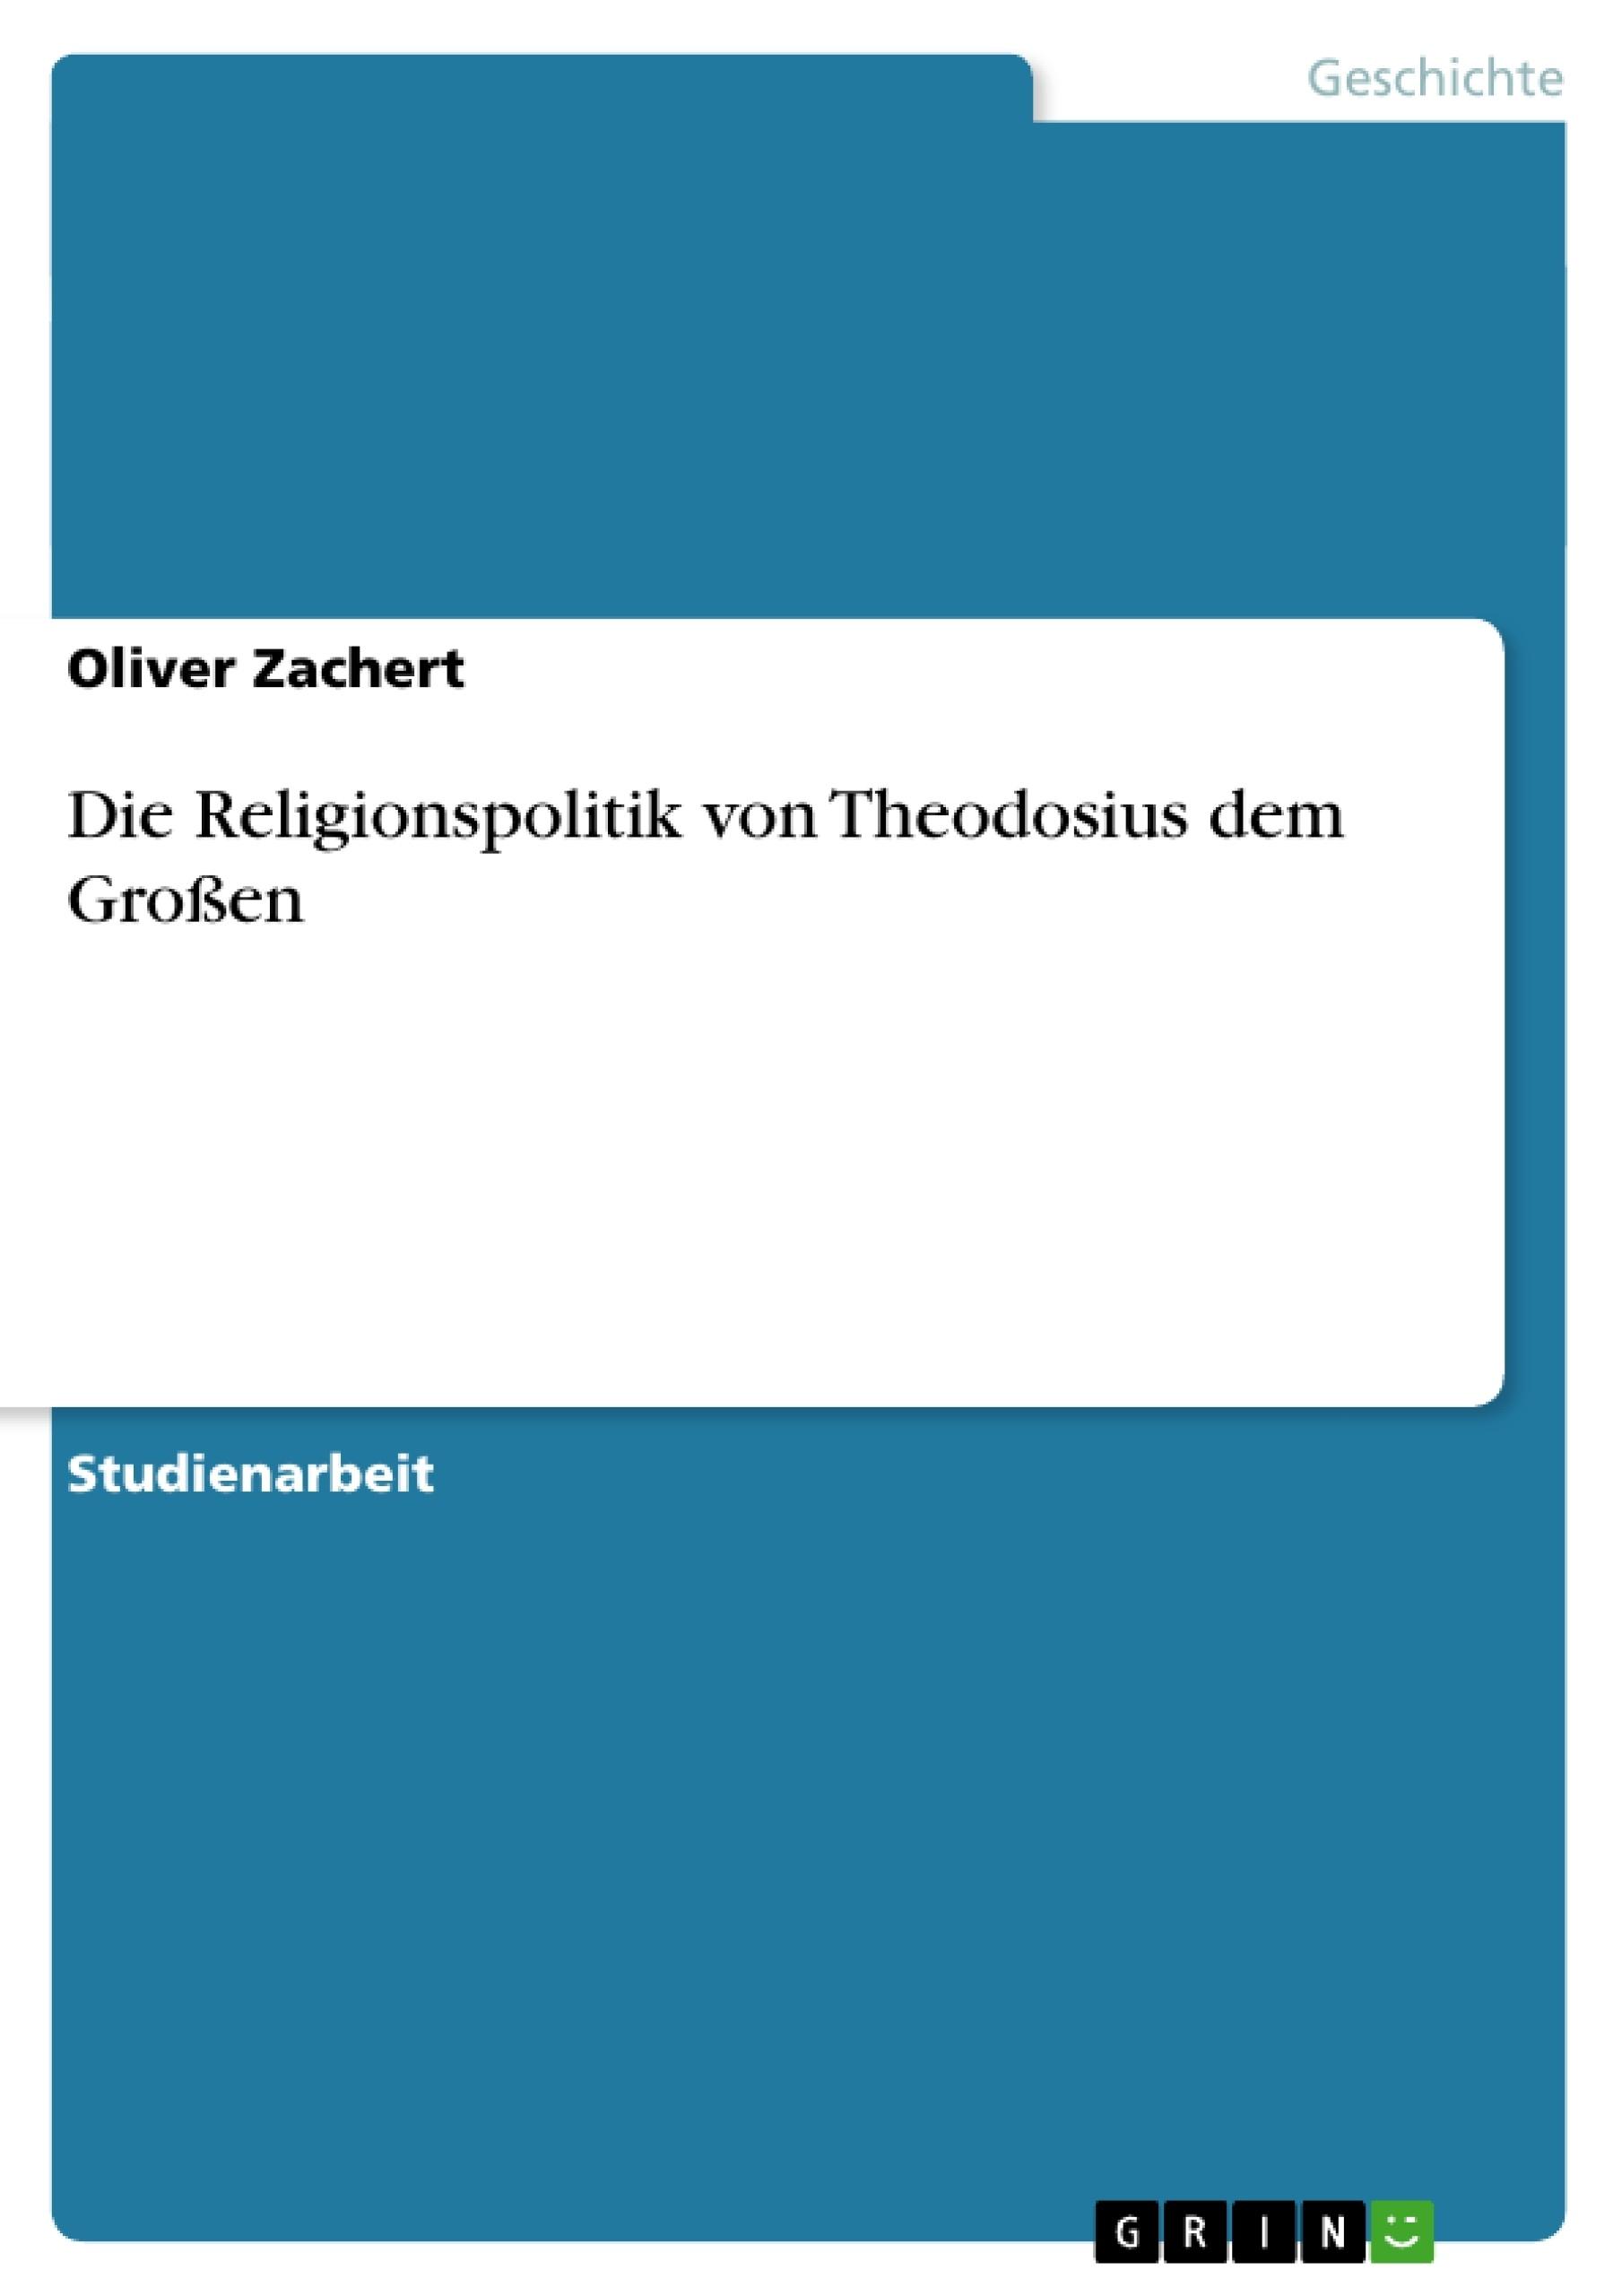 Titel: Die Religionspolitik von Theodosius dem Großen